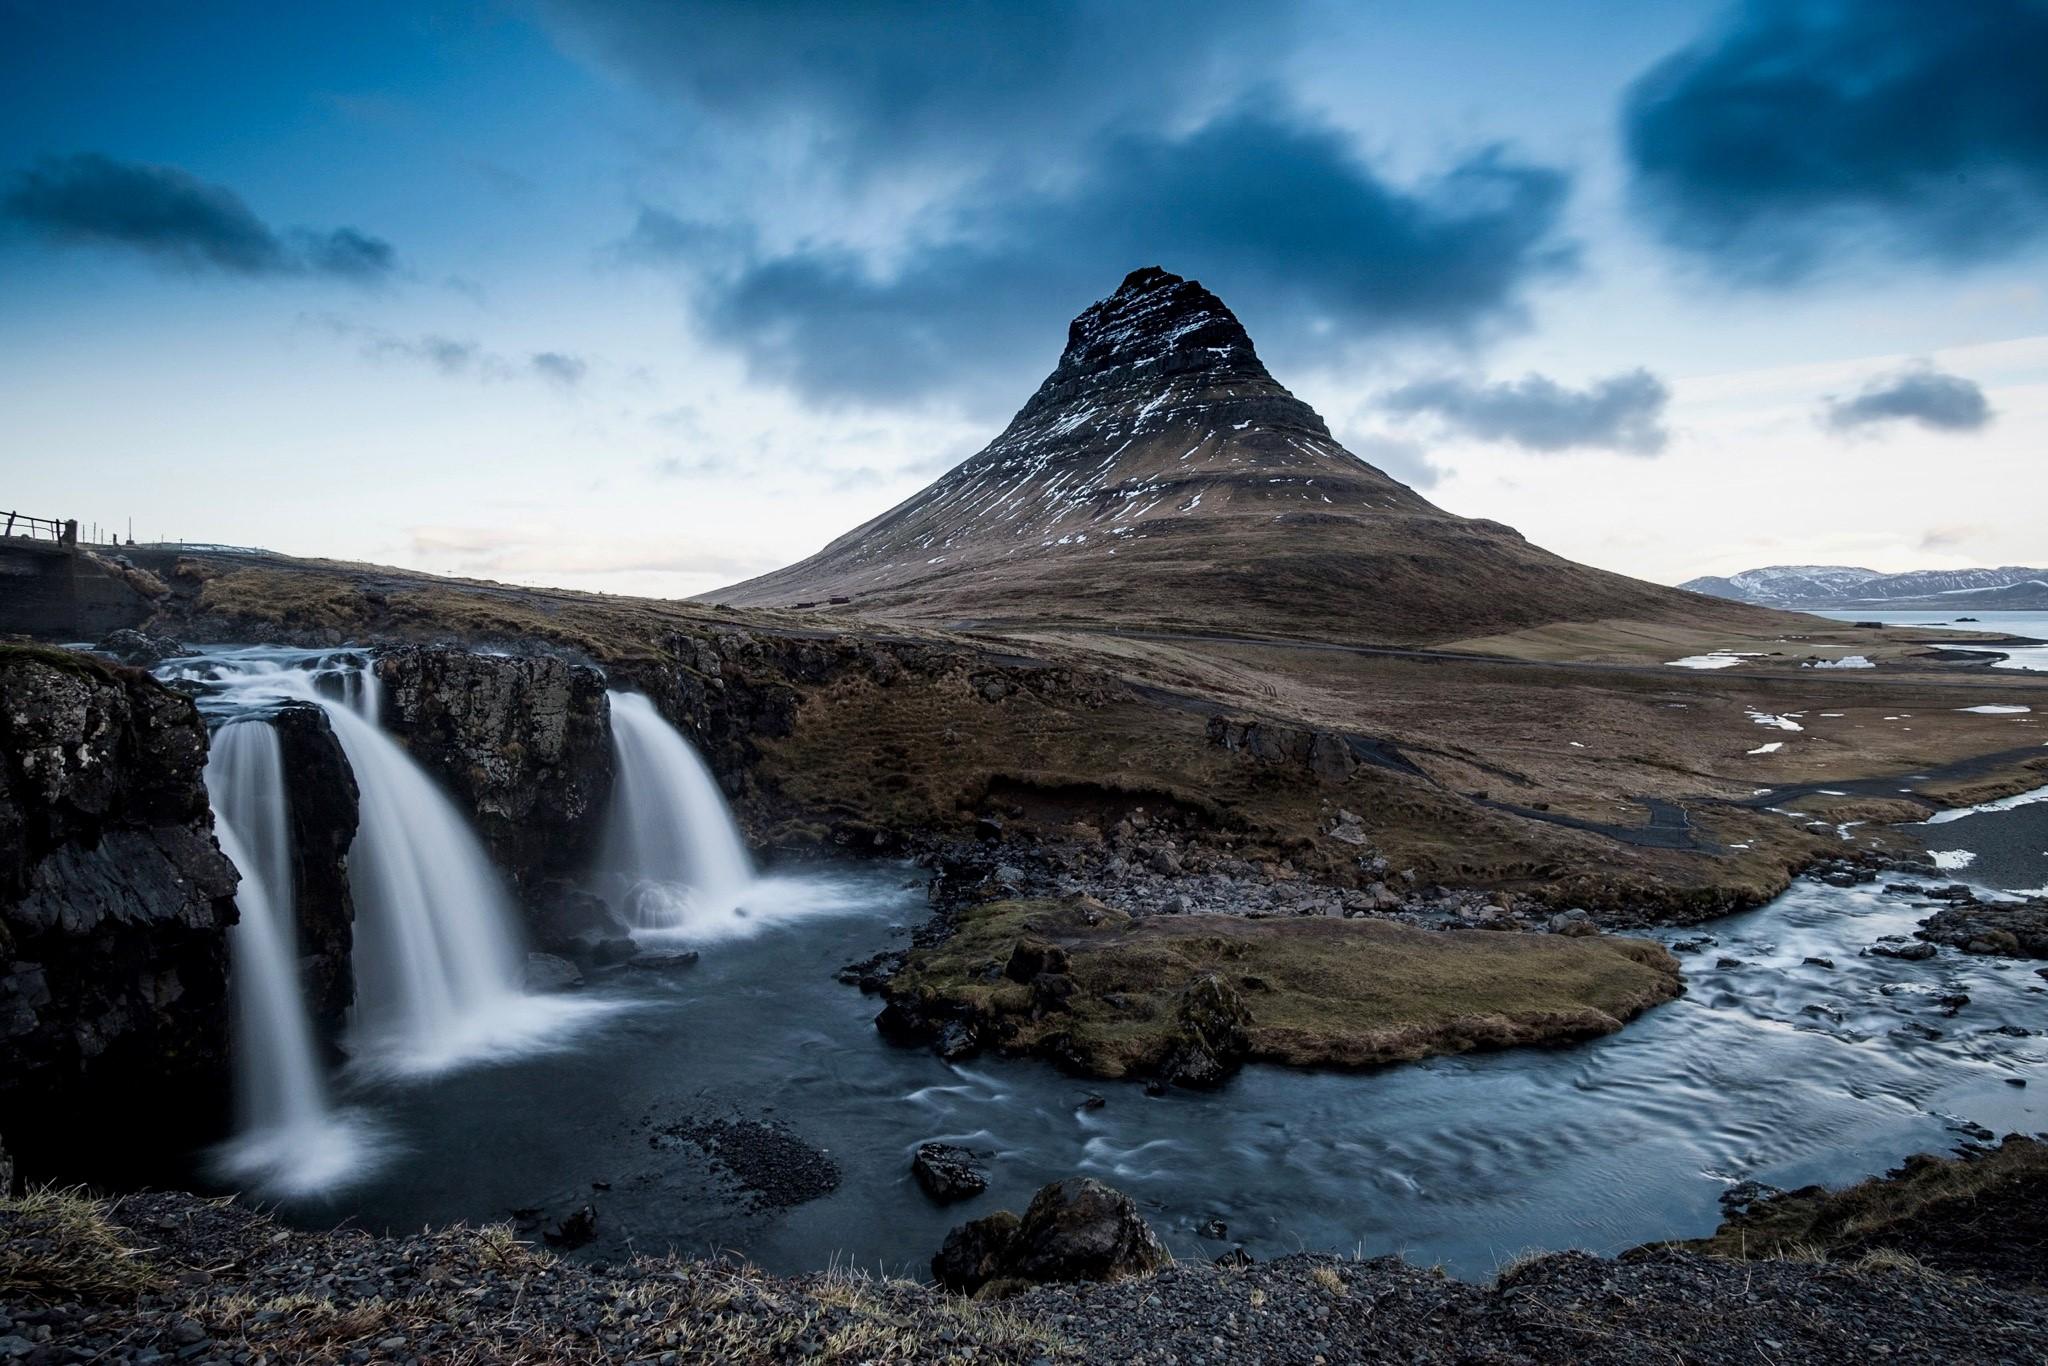 Kirkjufellfoss by Daniel Wood